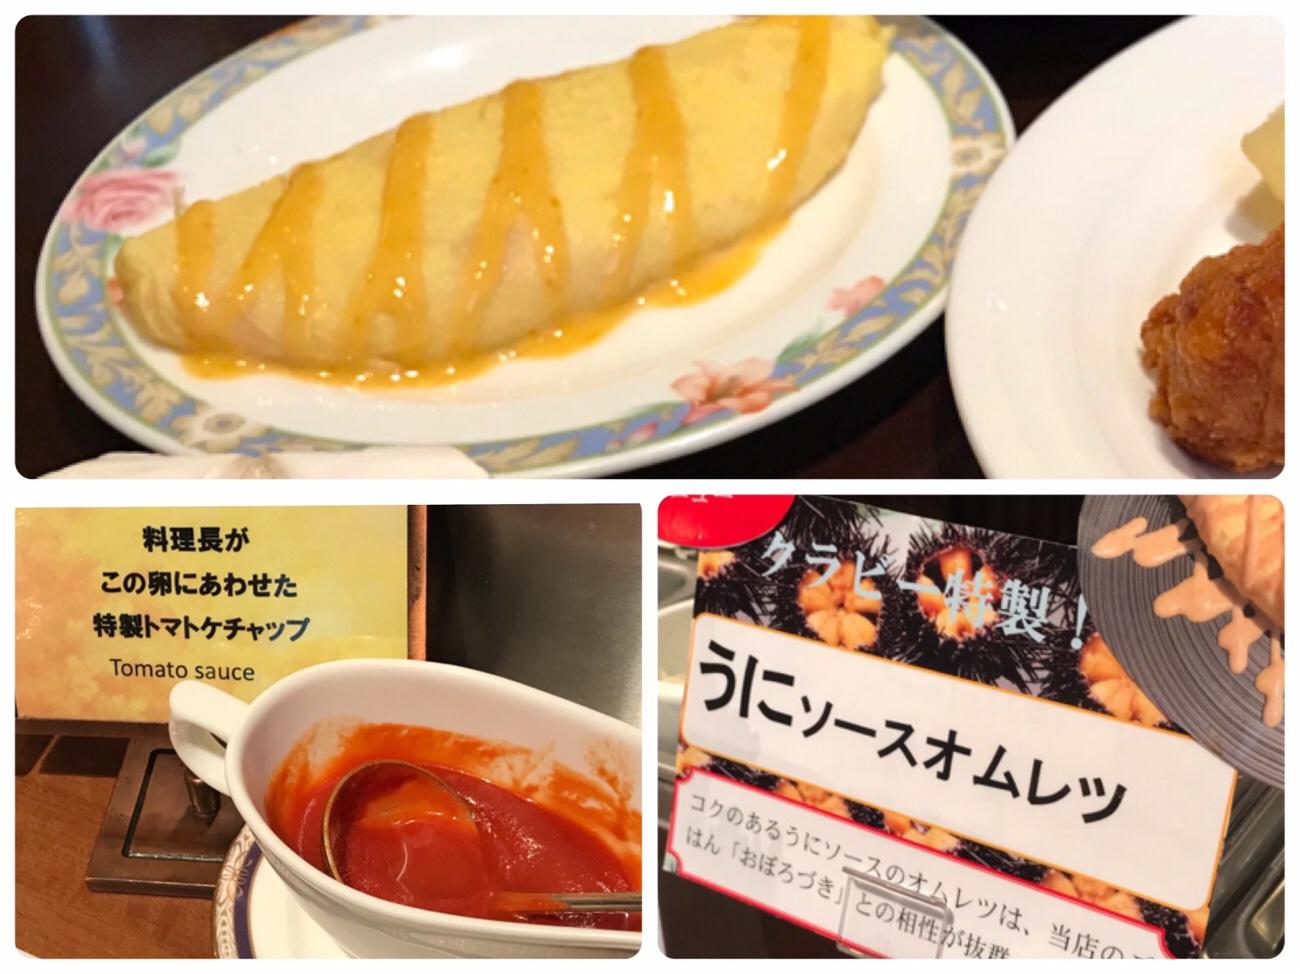 オムレツがすごい!ホテルクラビーサッポロ 朝食